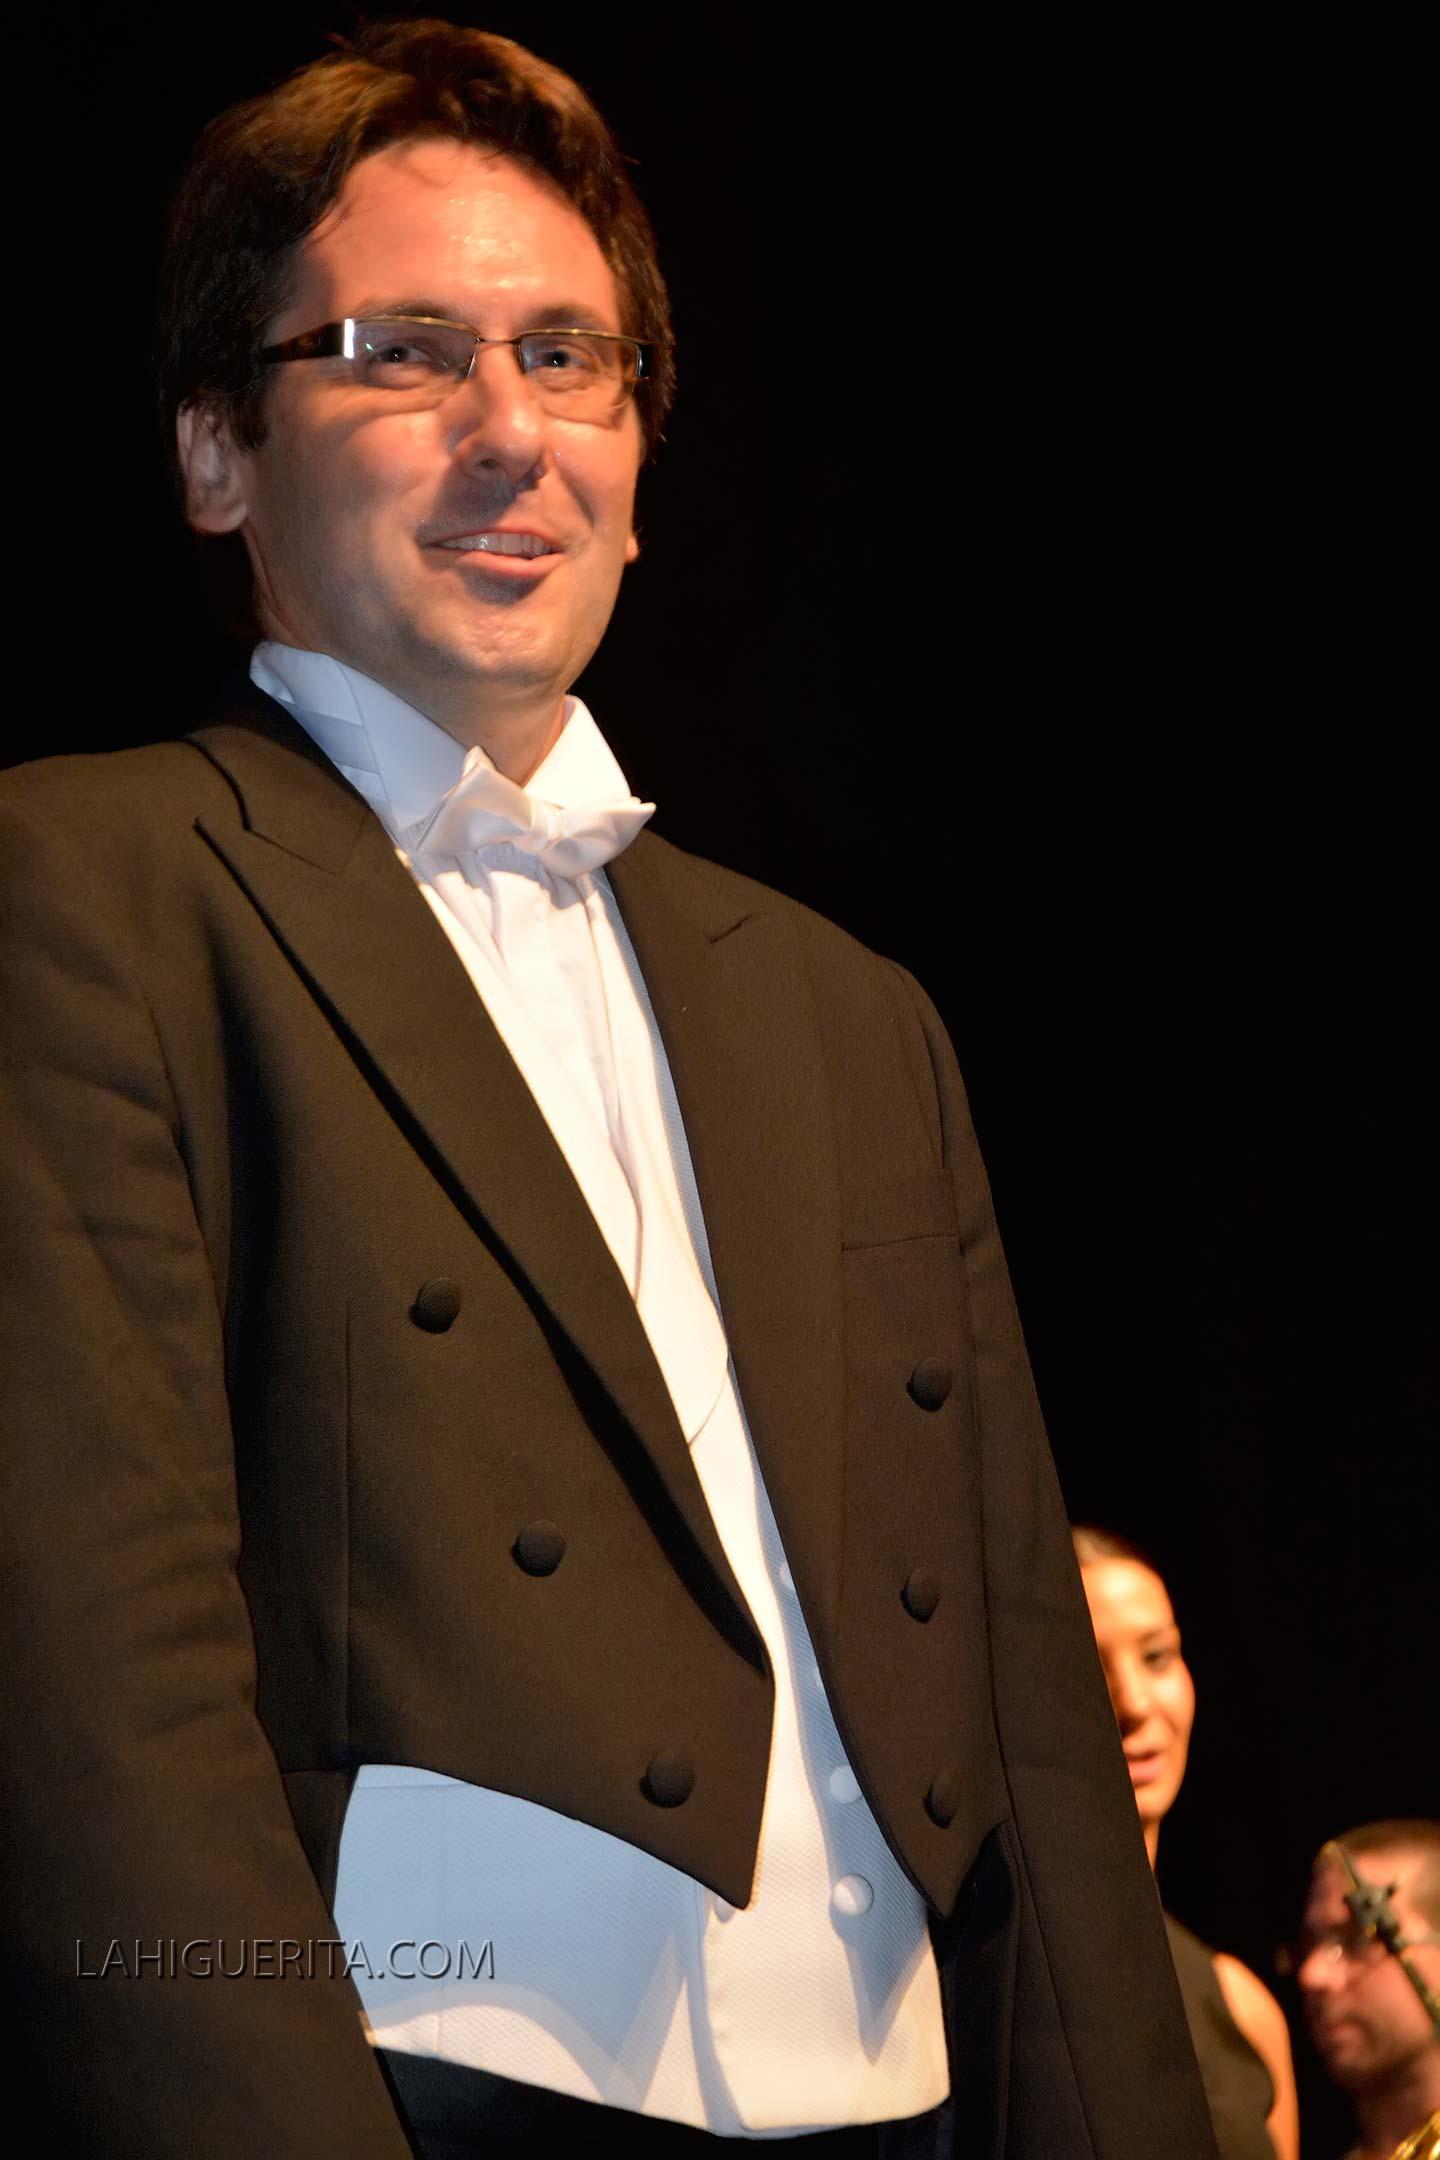 Bartolome Perez Botello _DSC7549